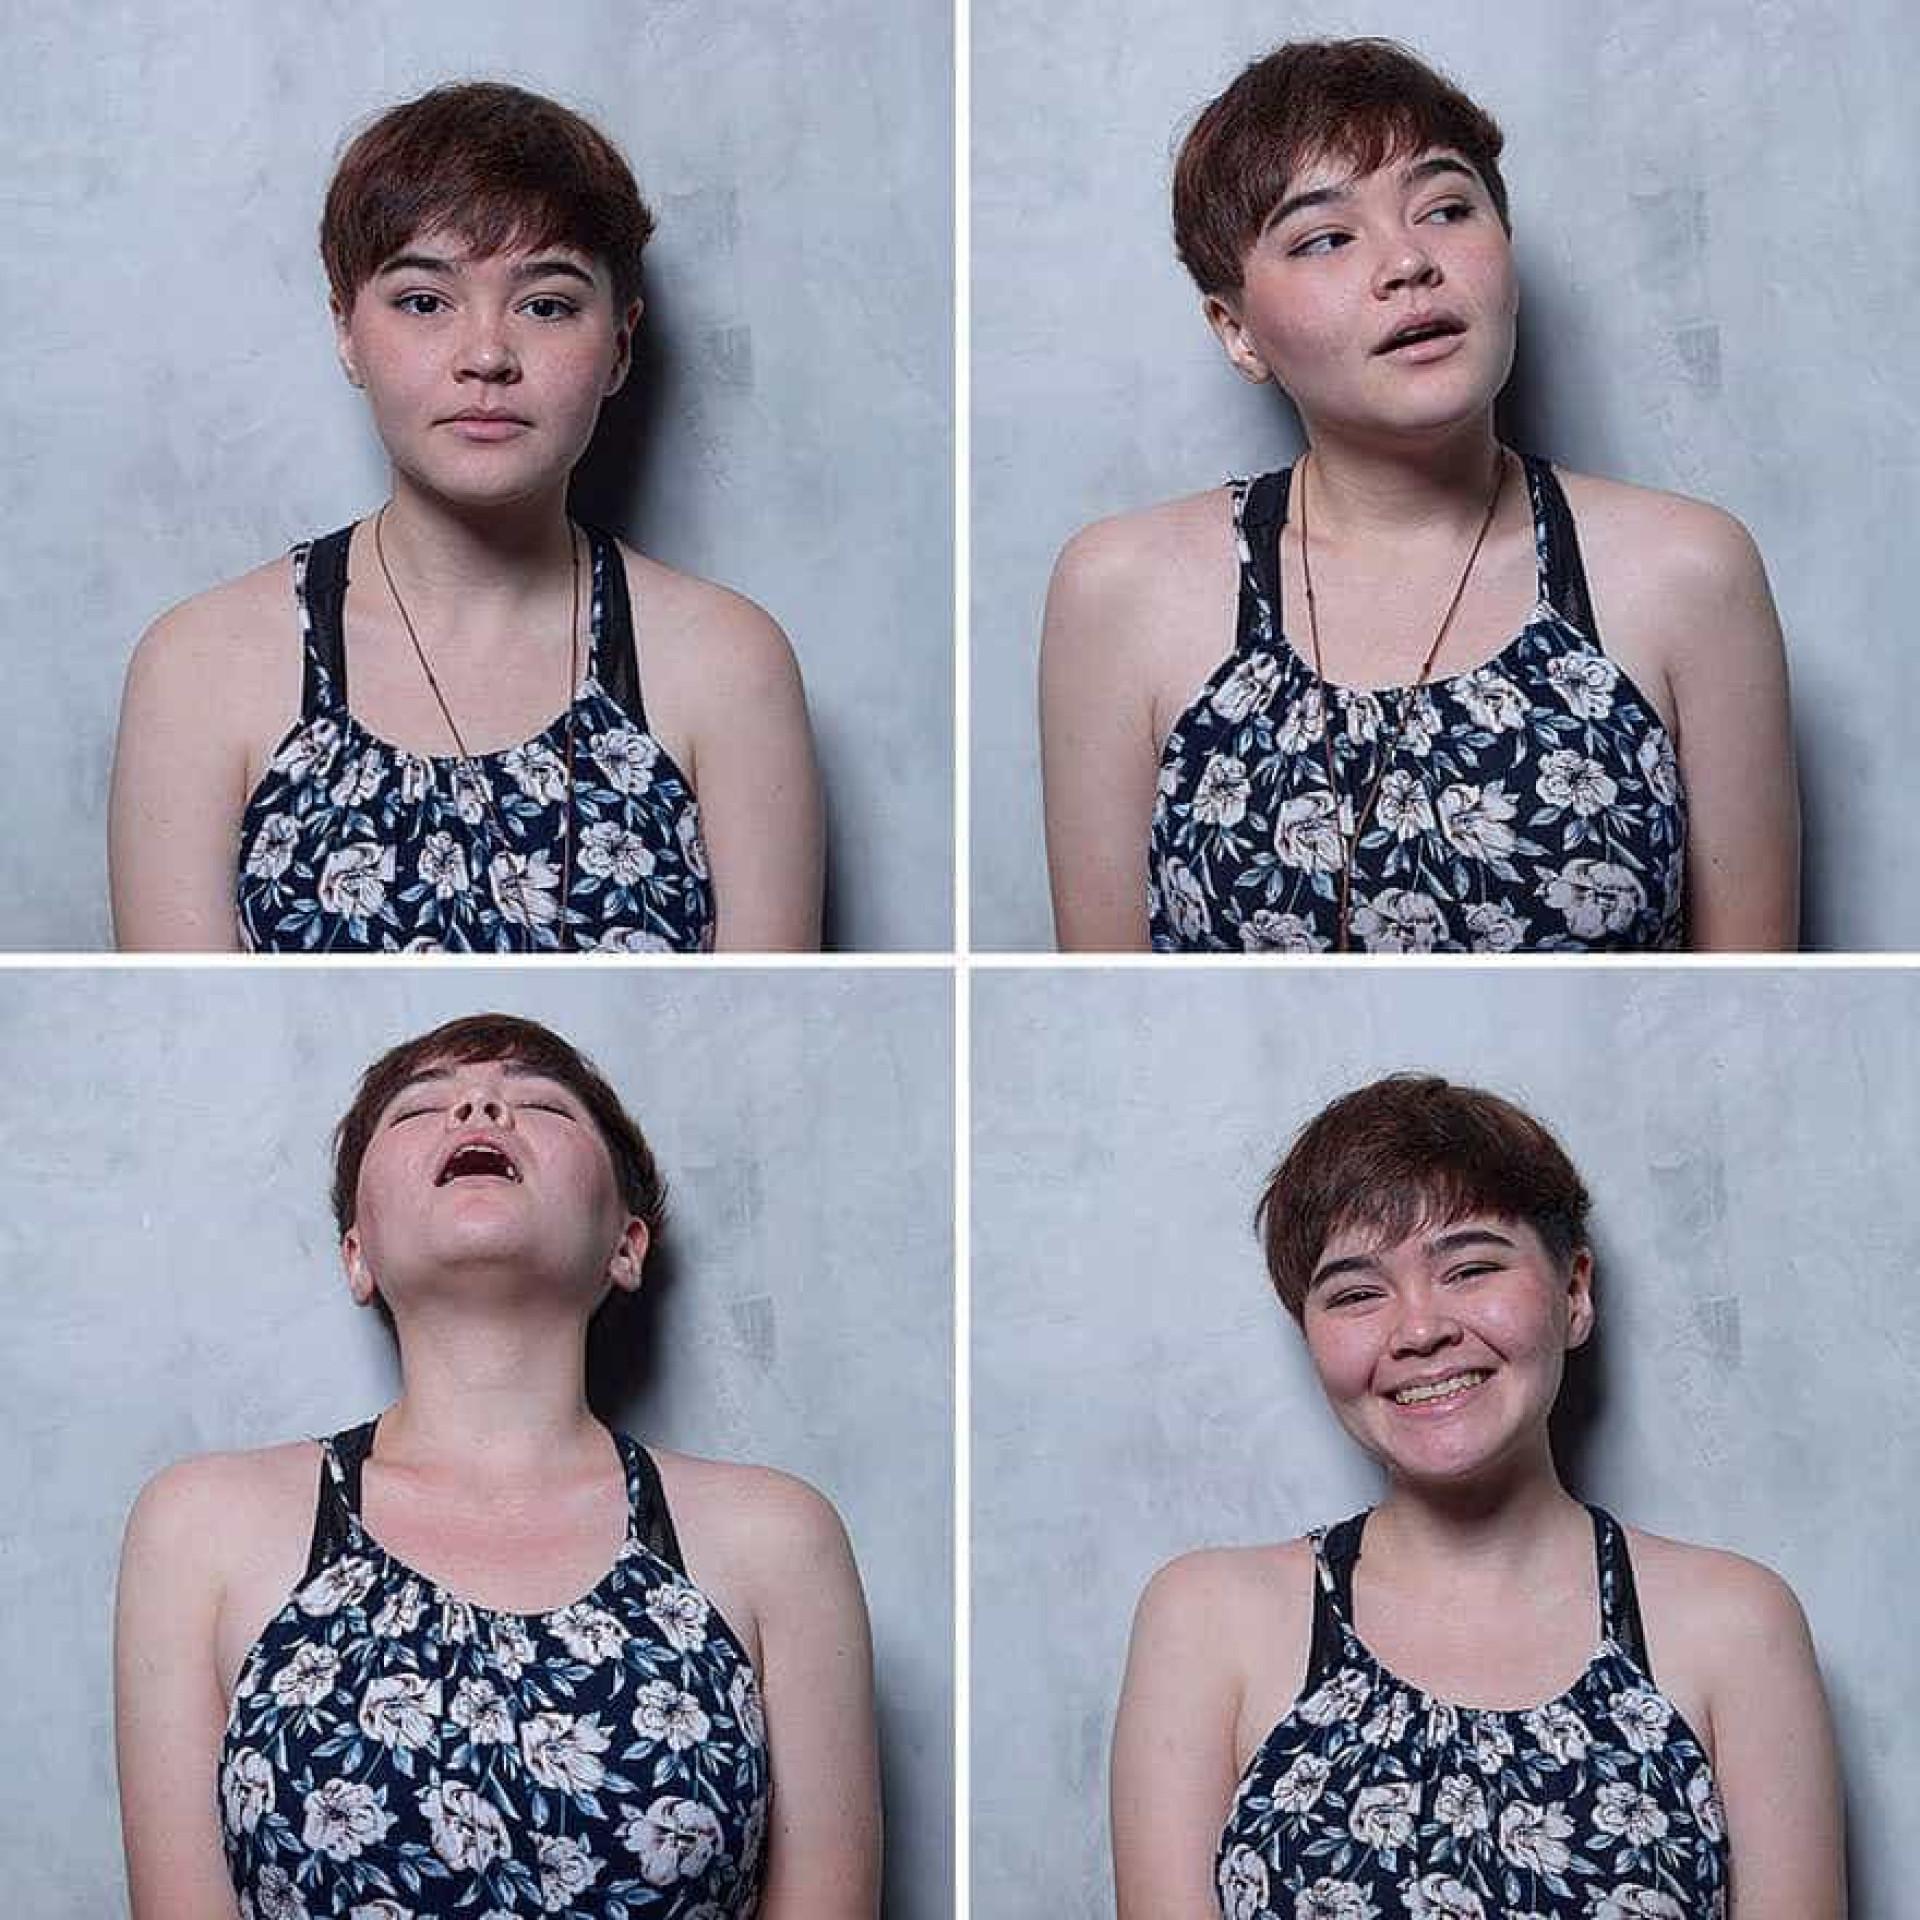 Mulheres antes e depois de um orgasmo a dar a cara pela sexualidade